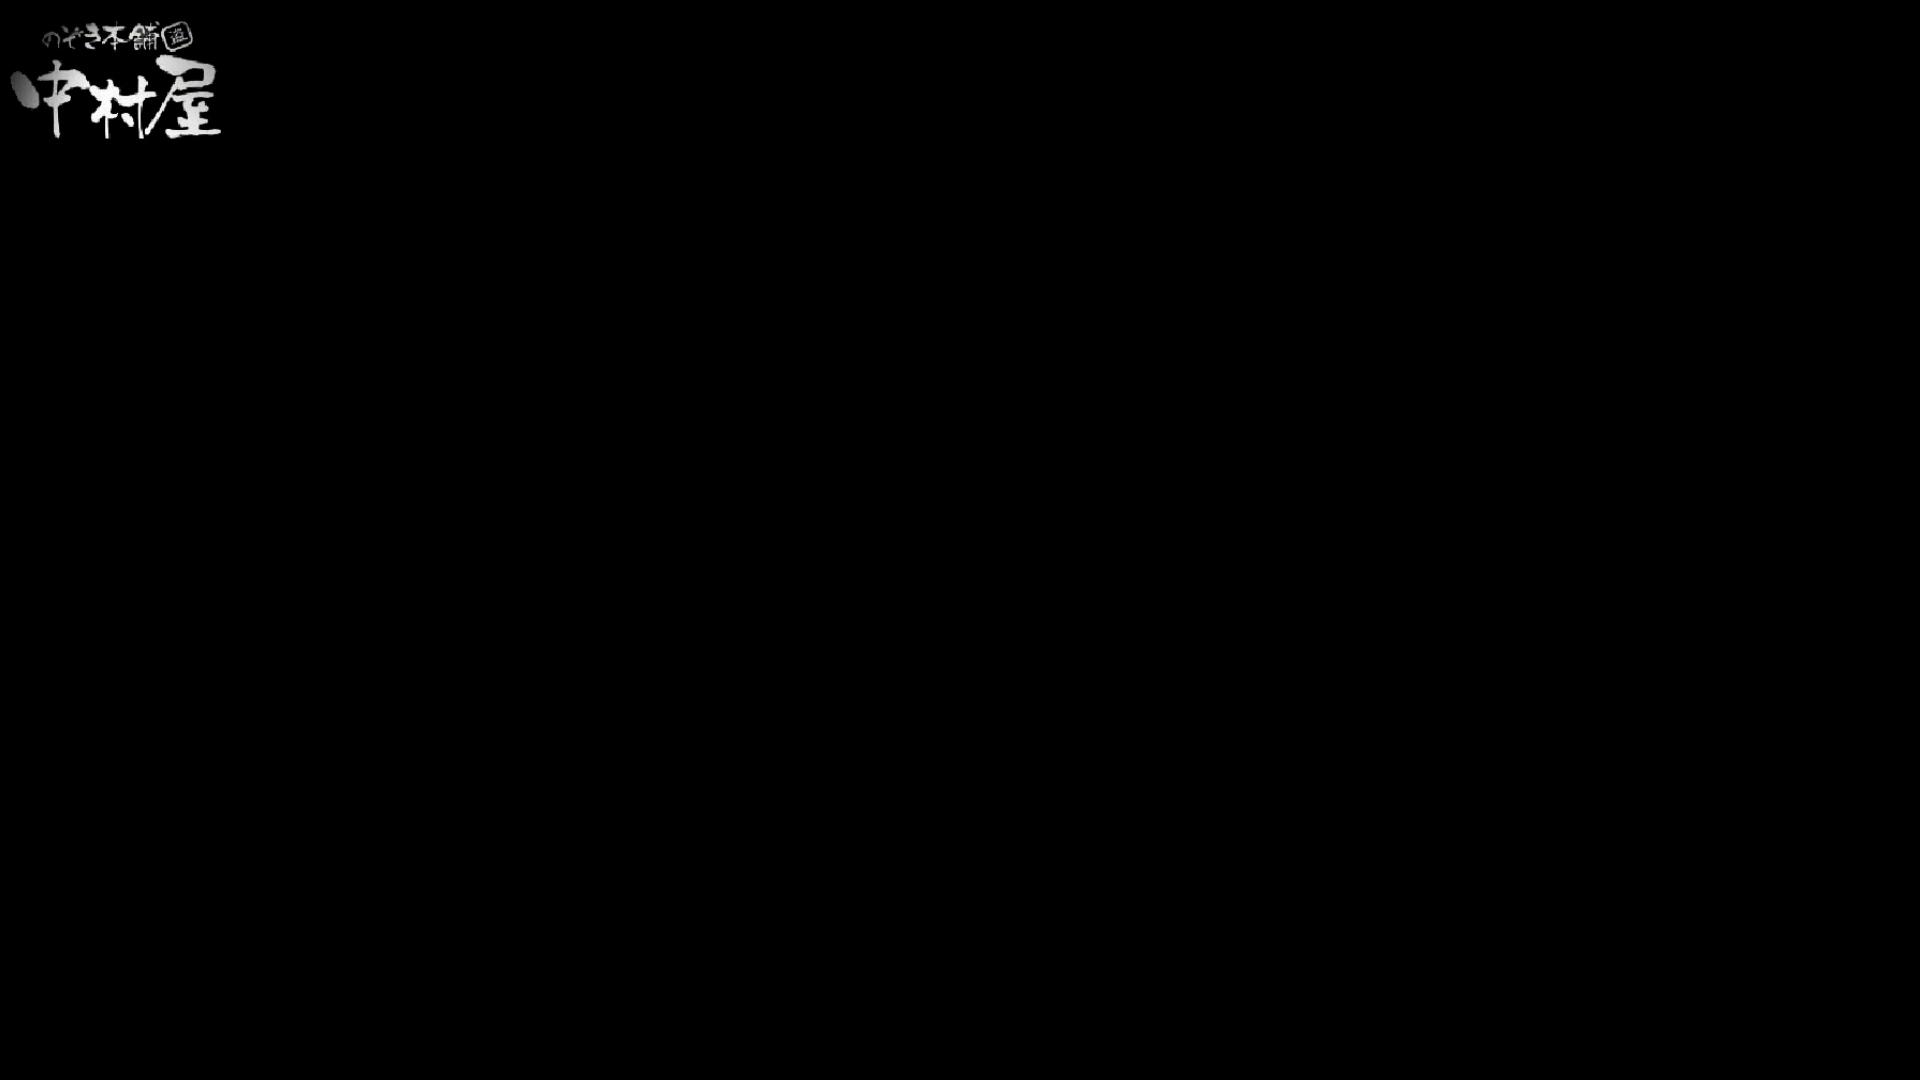 雅さんが厳選新年特別コンテンツ!激走!東京マラソン選手専用女子トイレvol.9 和式トイレ オメコ動画キャプチャ 101pic 22